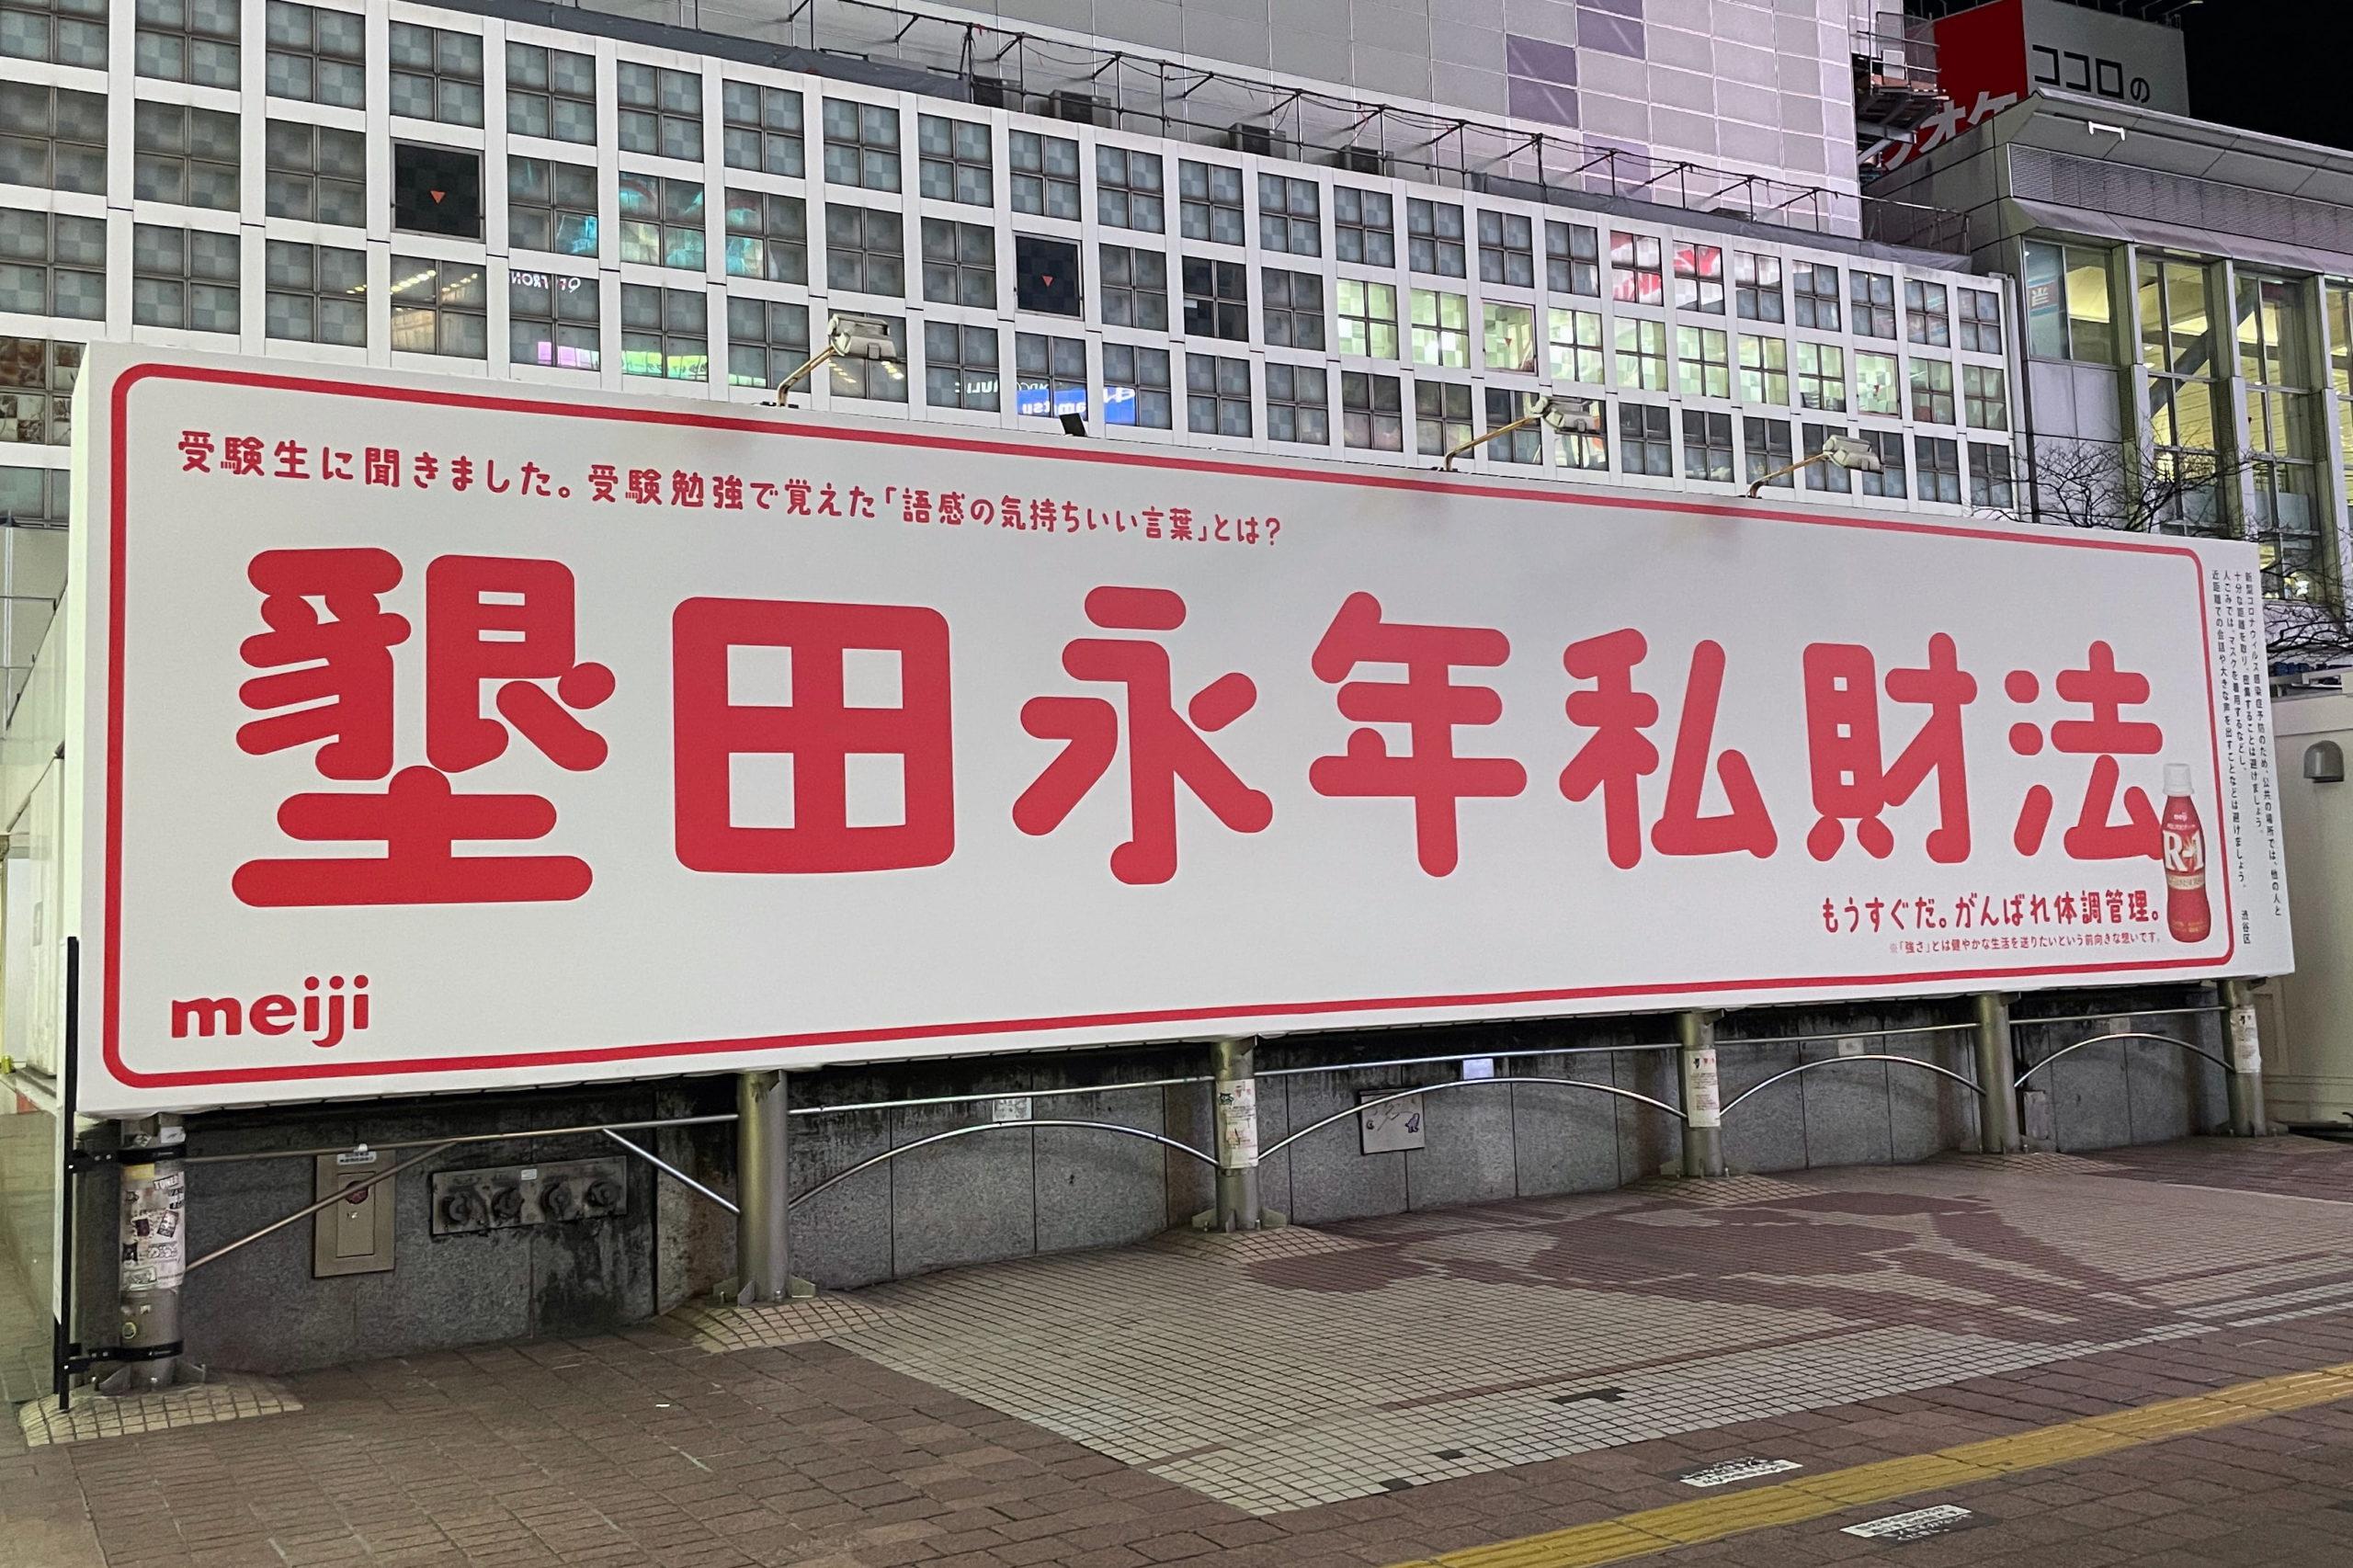 渋谷駅前での外出自粛呼びかけに反響 「墾田永年私財法」に注目集まっ ...